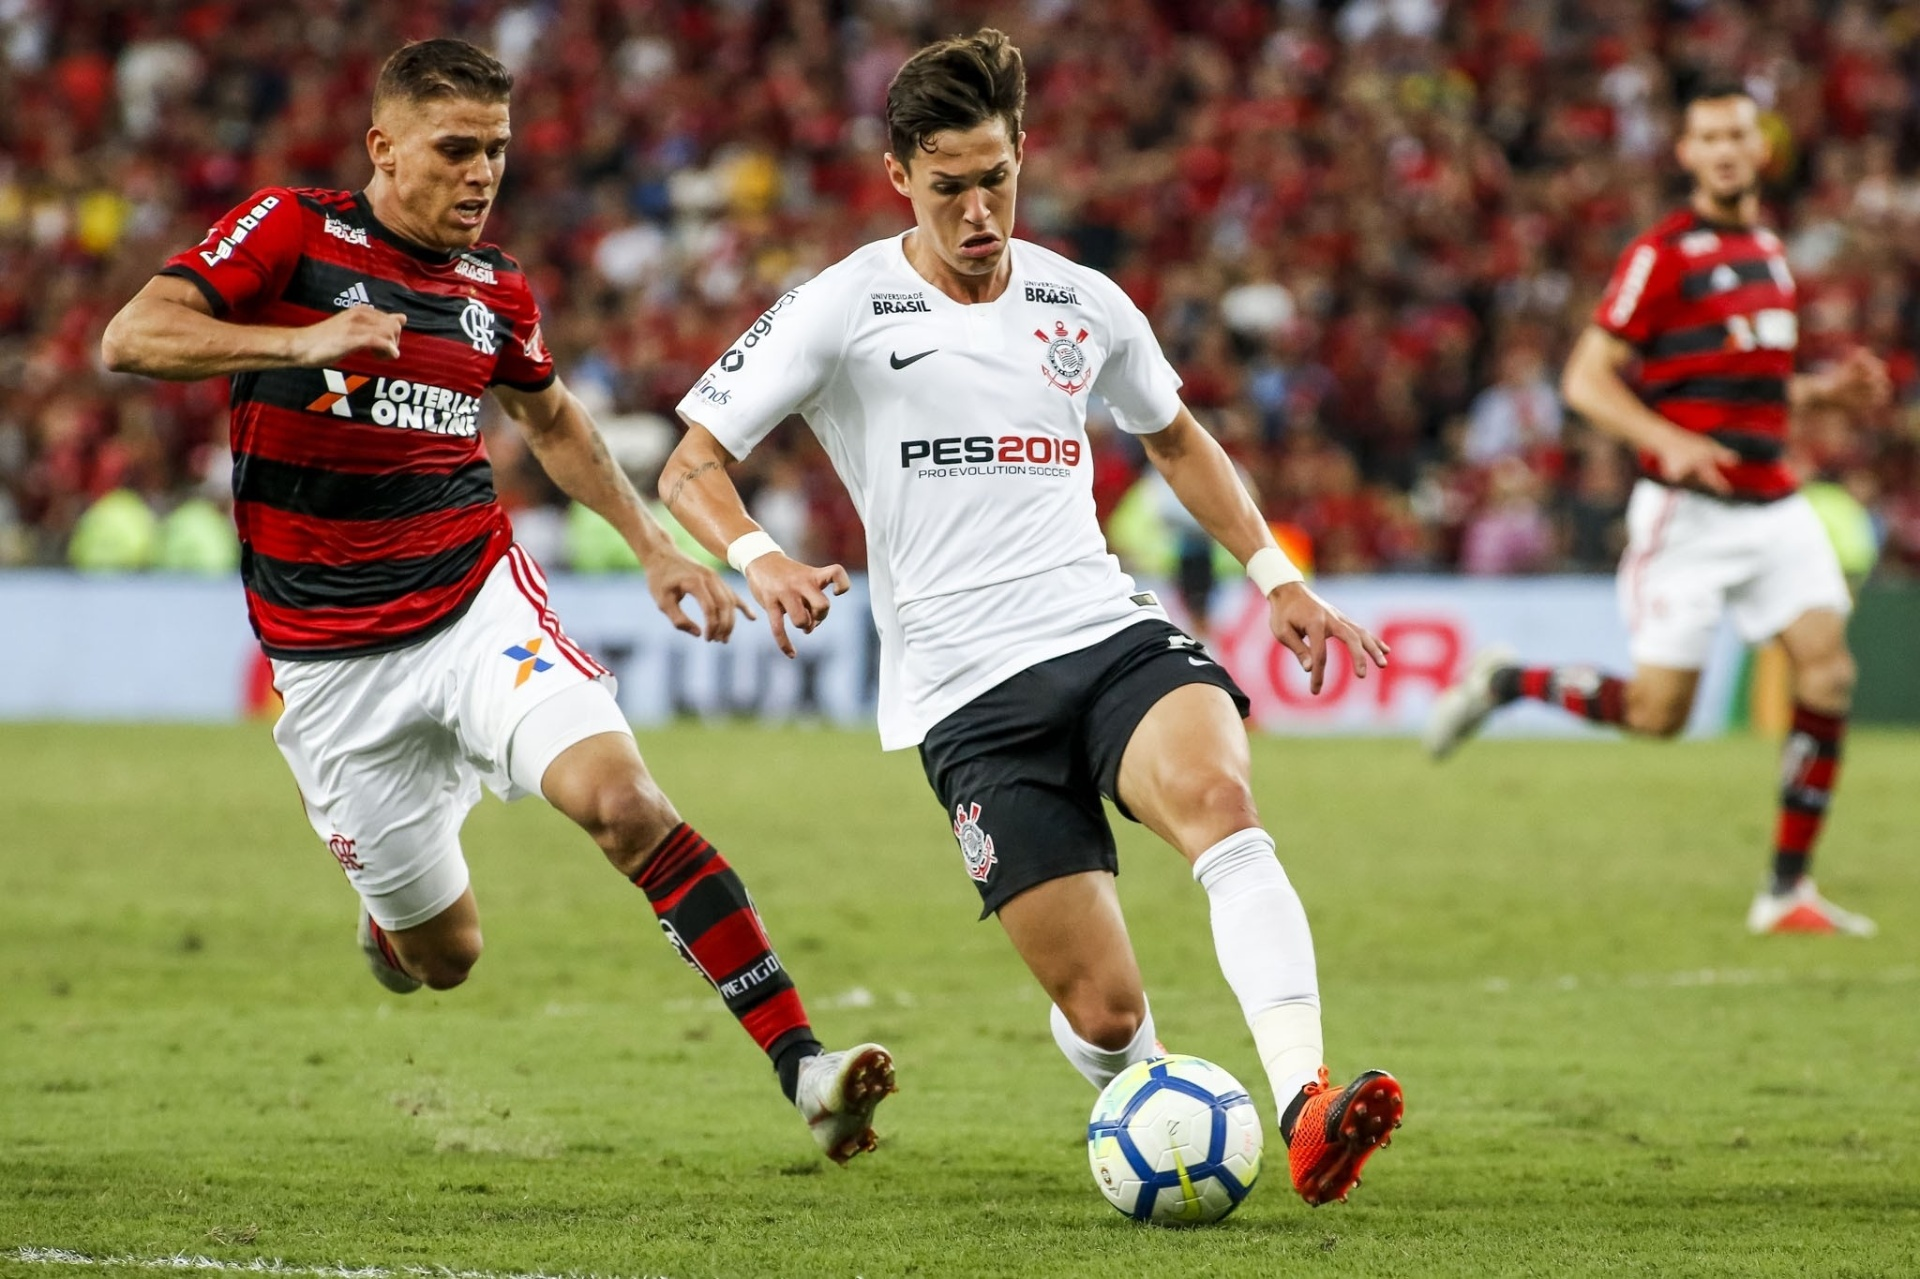 Semi opõe Corinthians de olho na grana e Flamengo louco por uma conquista -  26 09 2018 - UOL Esporte ae3f30d8f837c